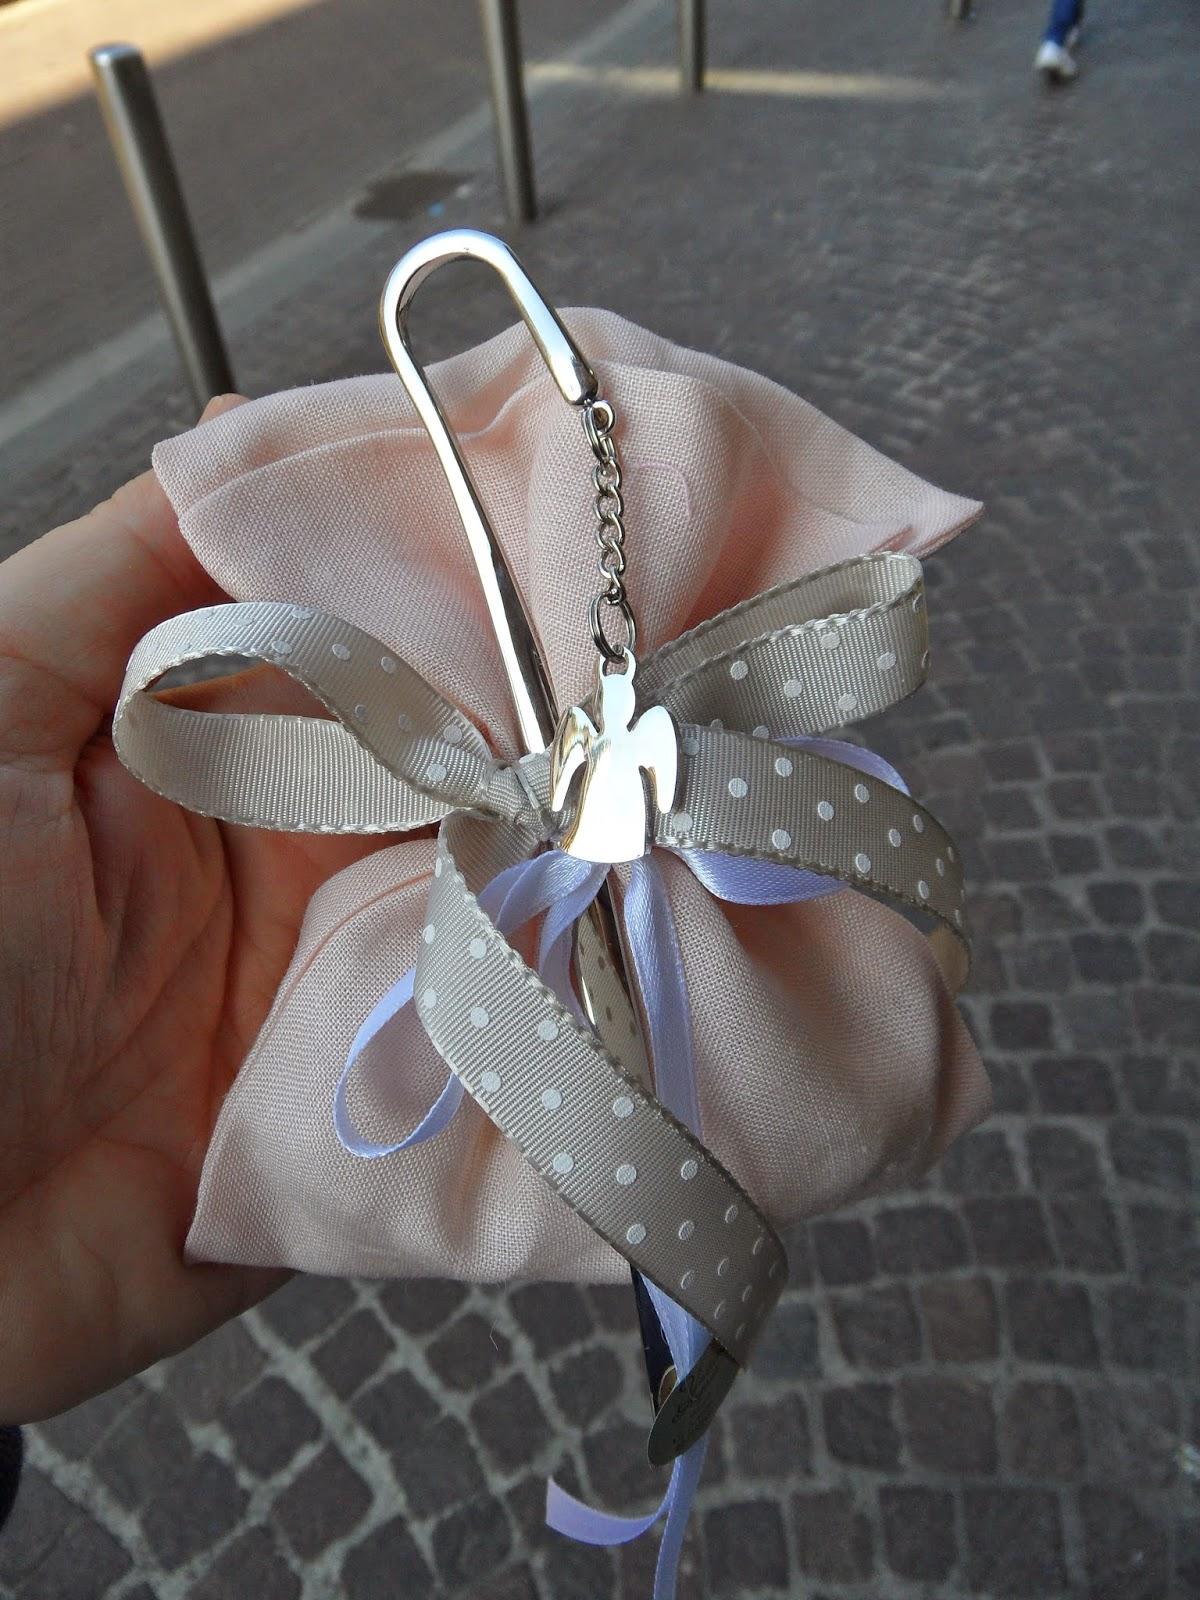 Extrêmement Bomboniere per Amore: Idee Comunione Bimba Sacchetto lino color  JG37